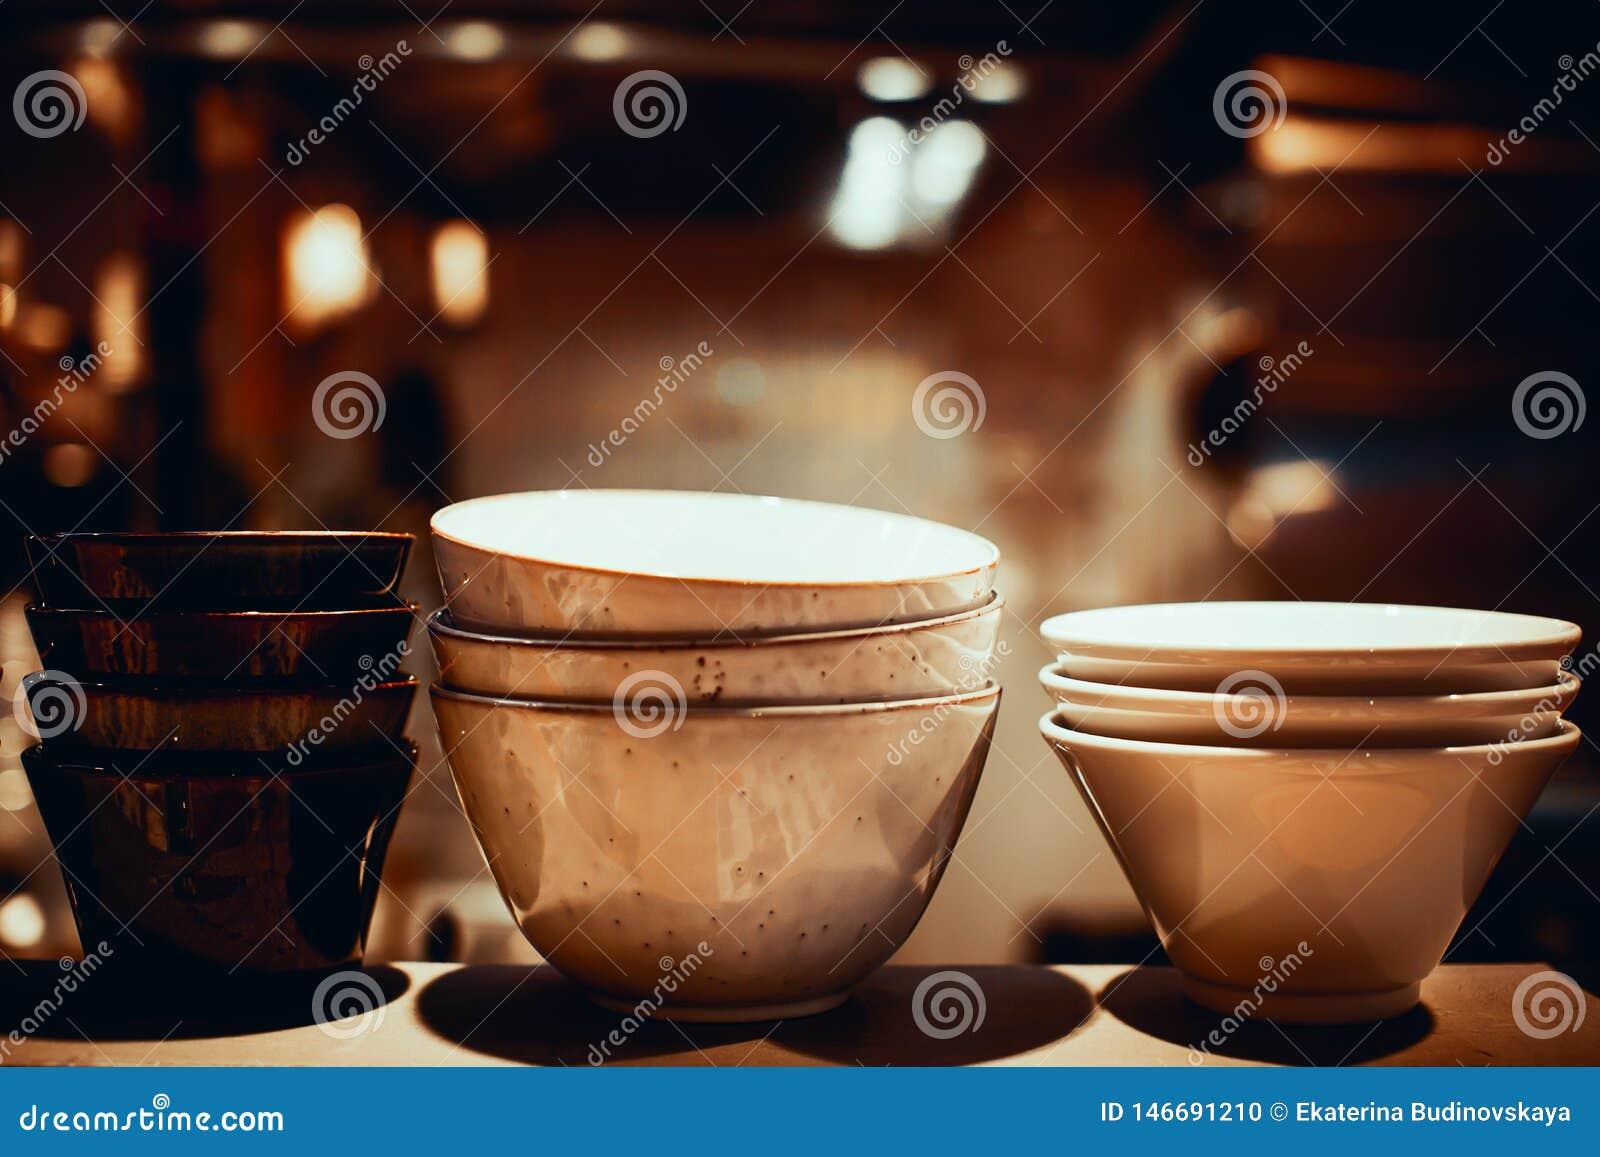 Placas de sopa vacías